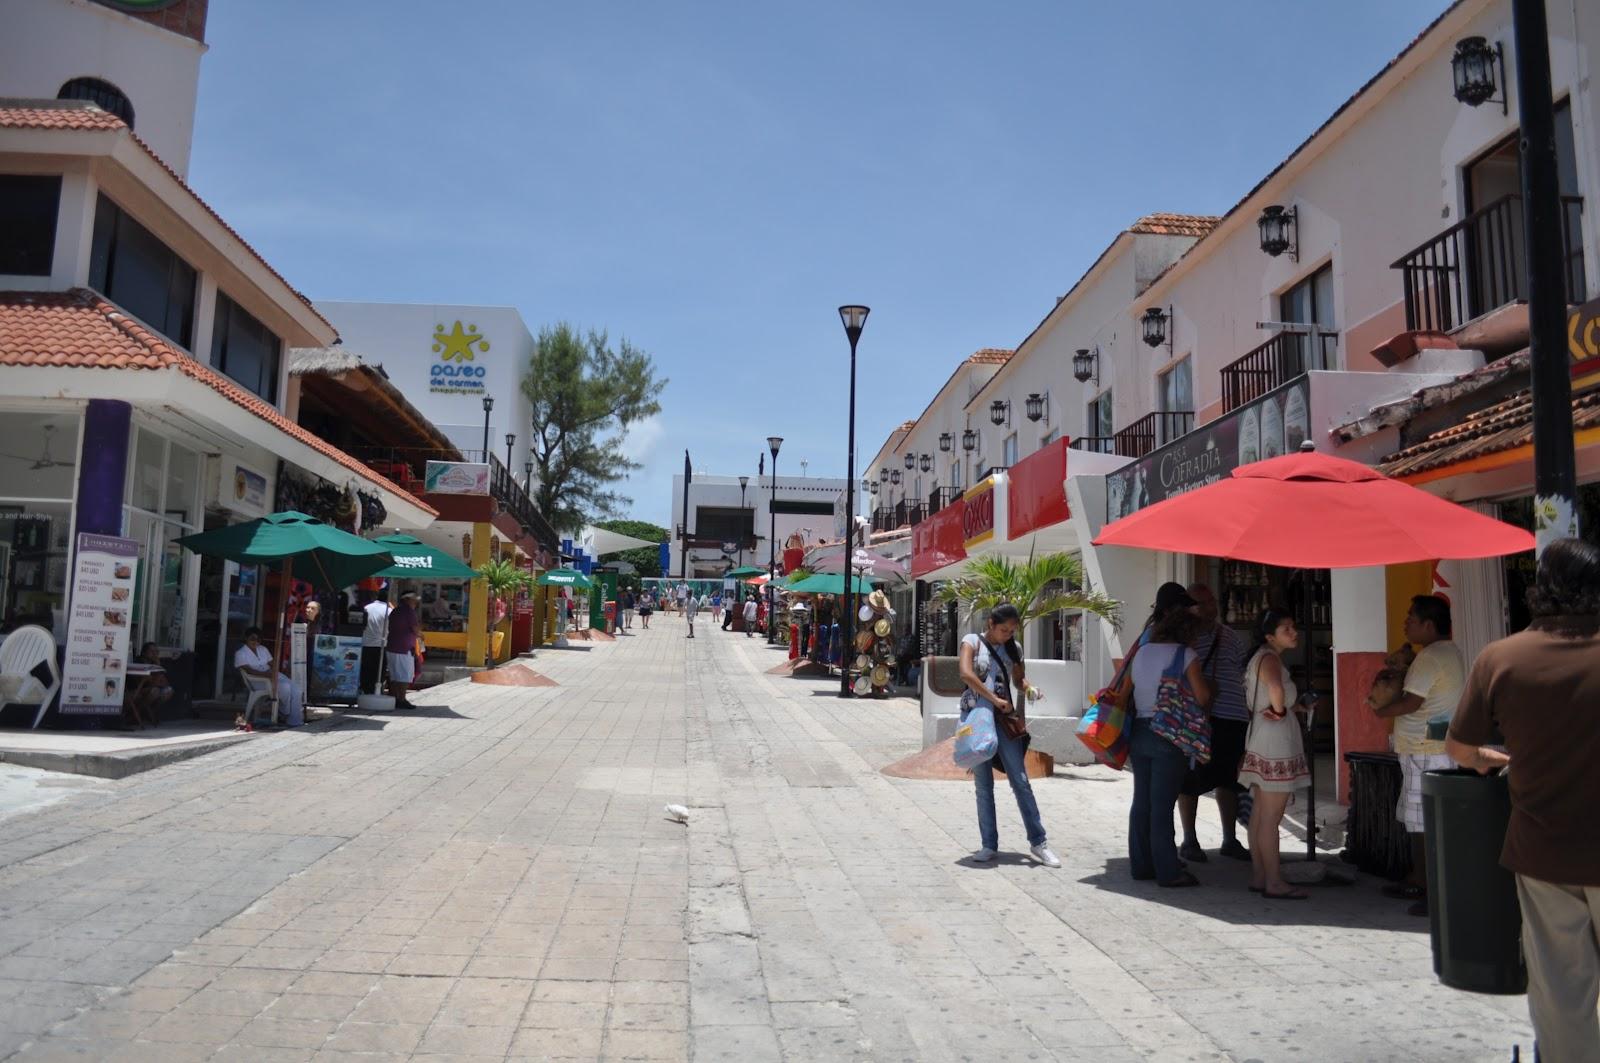 18. Paseo del Carmen